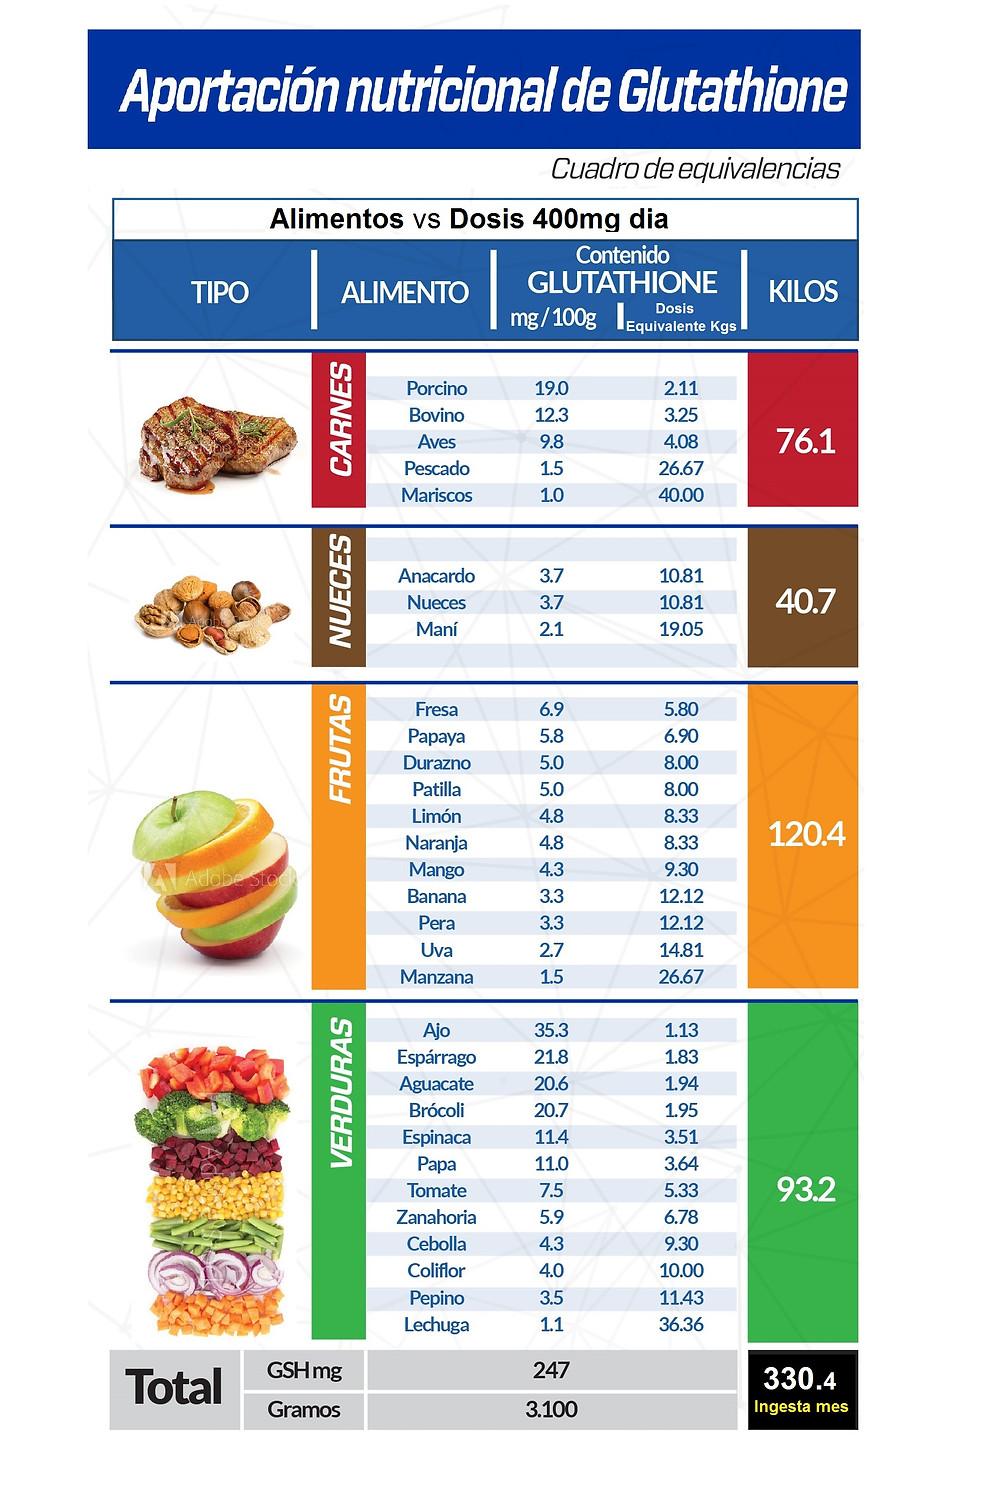 Hemos señalado en varias ocasiones cuáles son los alimentos que fomentan más la producción de glutatión en nuestro cuerpo, y siempre te hemos explicado que para poder alcanzar los niveles óptimos de Glutathione tendrías que consumir unas cantidades casi imposibles.   Por esa razón te queremos orientar con esta tabla que resume lo anteriormente dicho: cuánto Glutathione necesitamos diariamente, tanto de la suplementación, como de los alimentos. Observarás la diferencia, es altamente saludable consumirlos, porque eso contribuye a mantener los niveles de la molécula Glutathione en tu cuerpo, pero nada como el suplemento diario que te proporciona las altas cantidades exactas que necesitas todos los días: